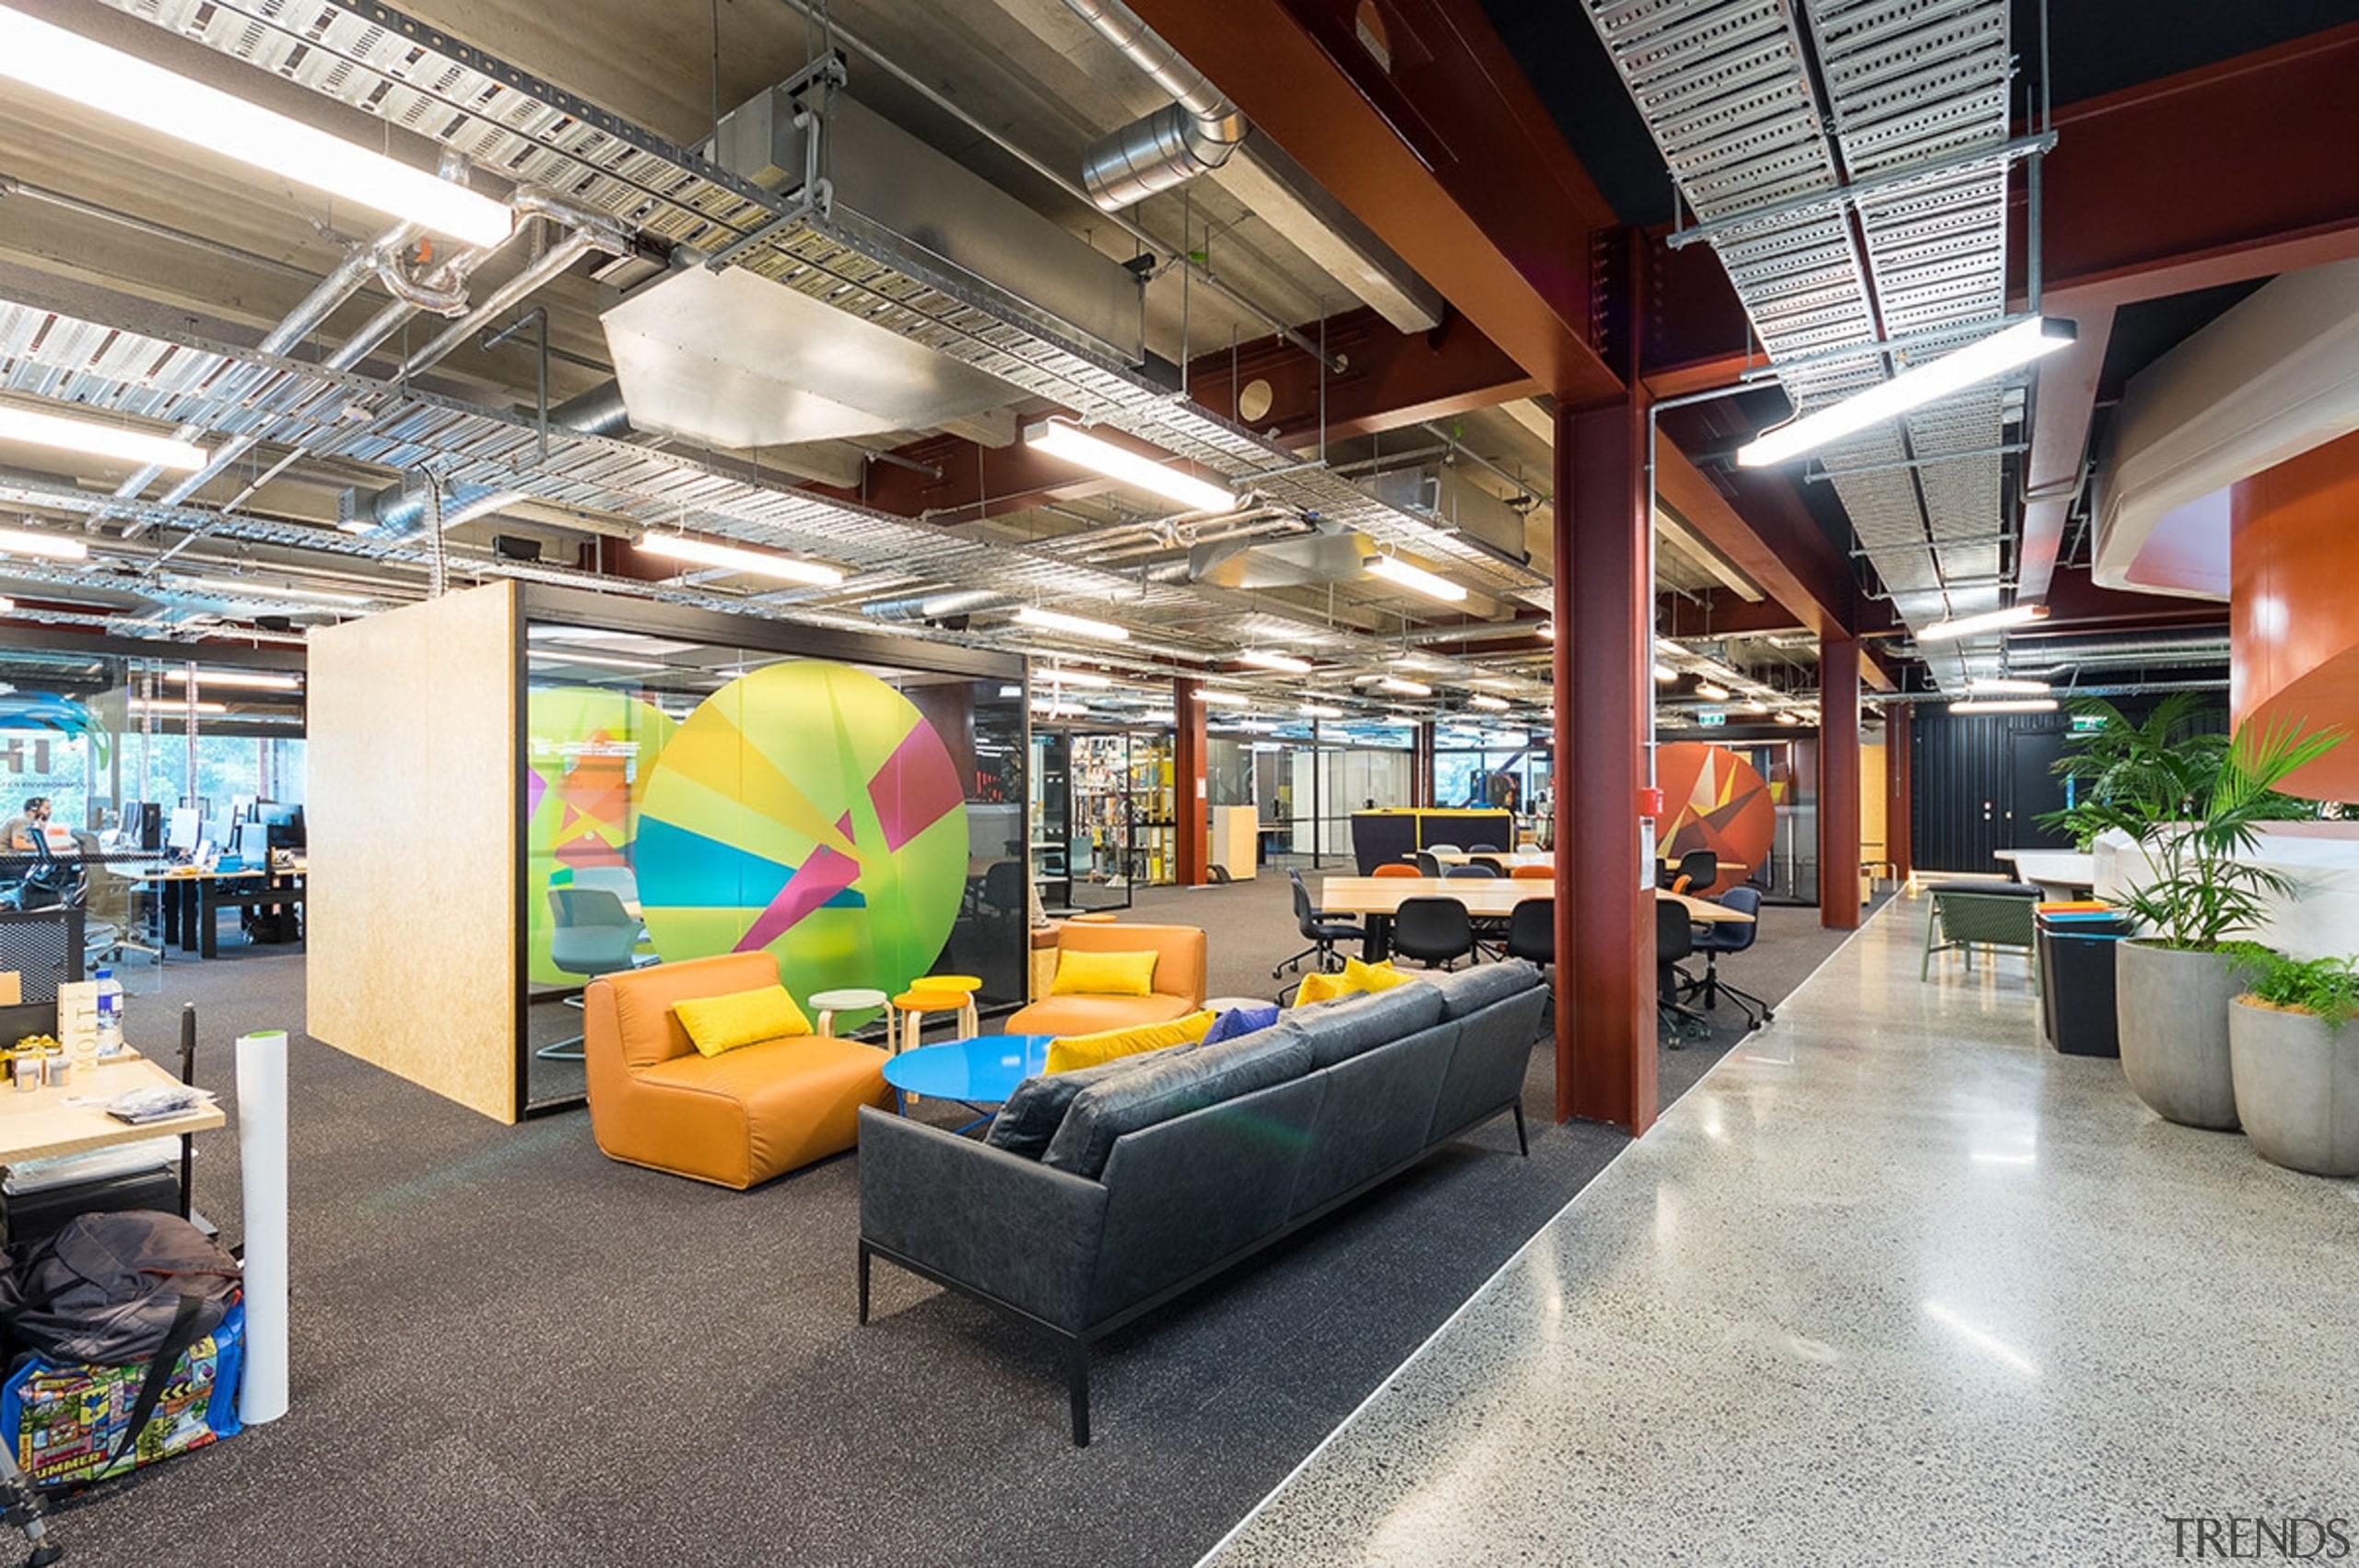 Mohawk Group carpet tiles provide a tough, neutral interior design, gray